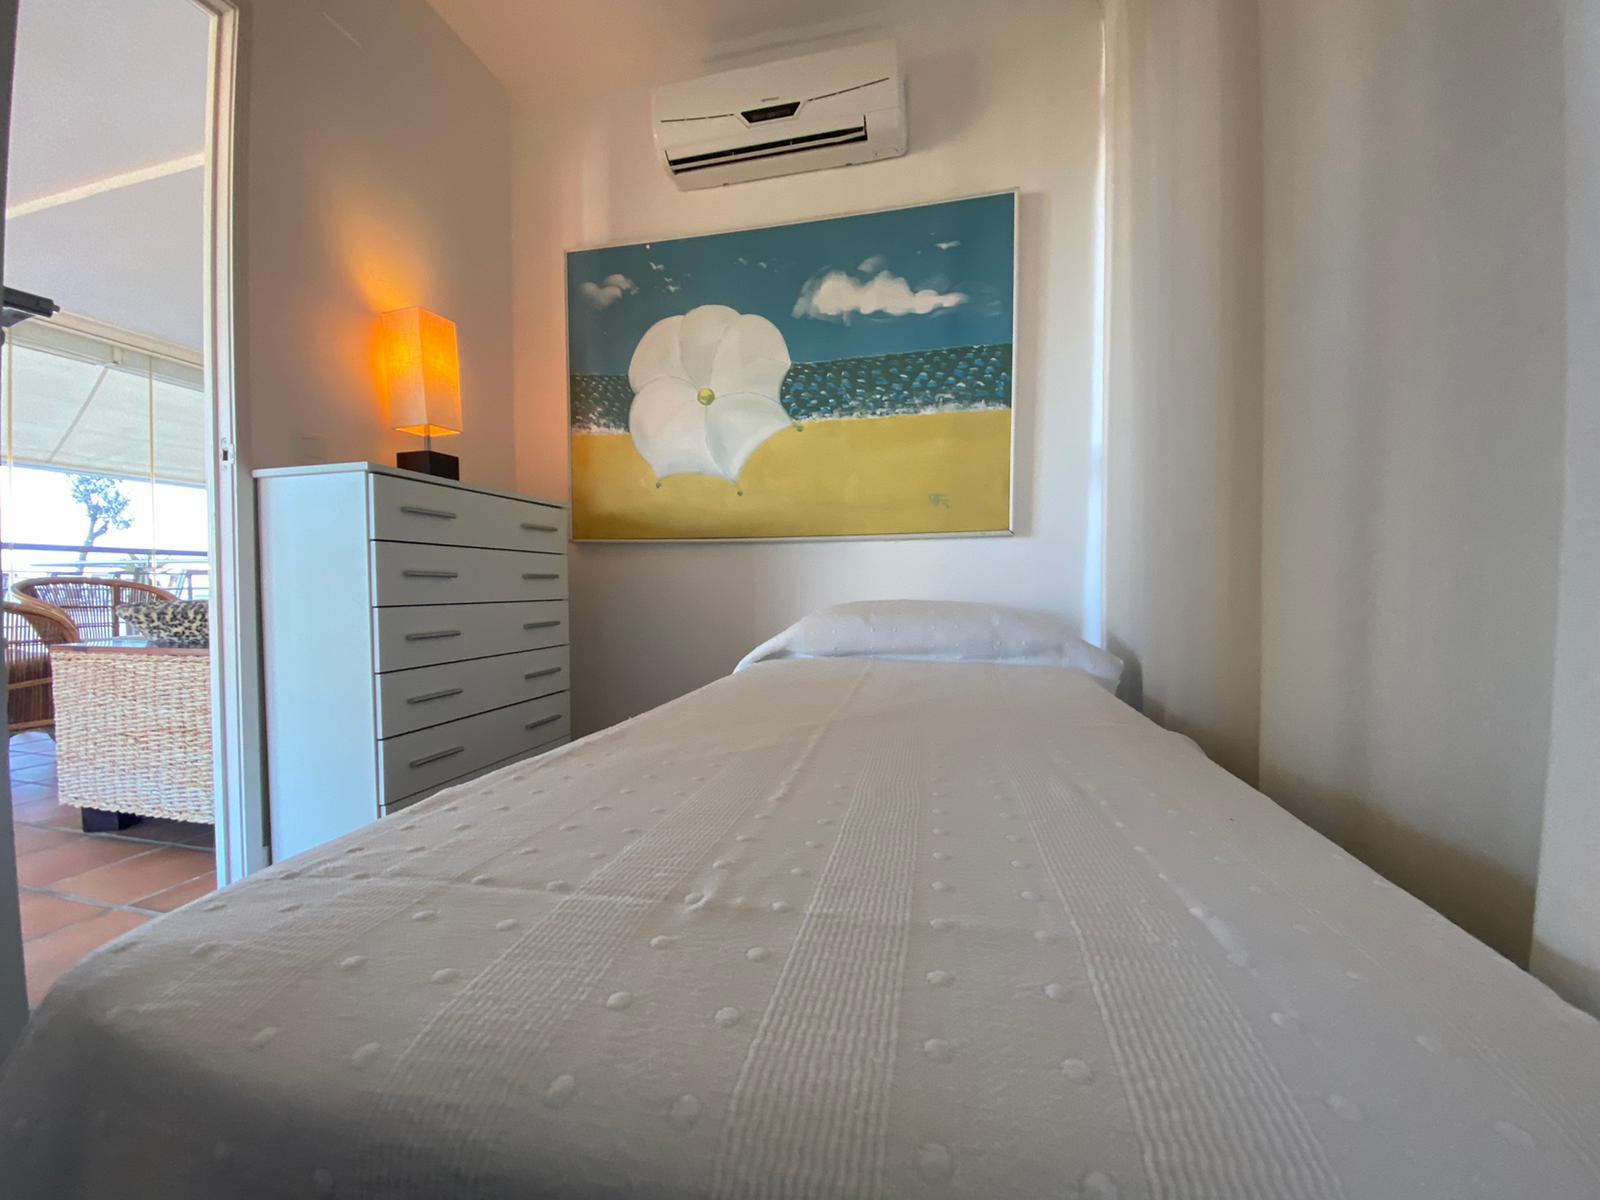 Imagen 44 del Apartamento Turístico, Ático 4 Levante, Frontal (4d+2b), Punta del Moral (HUELVA), Paseo de la Cruz nº22